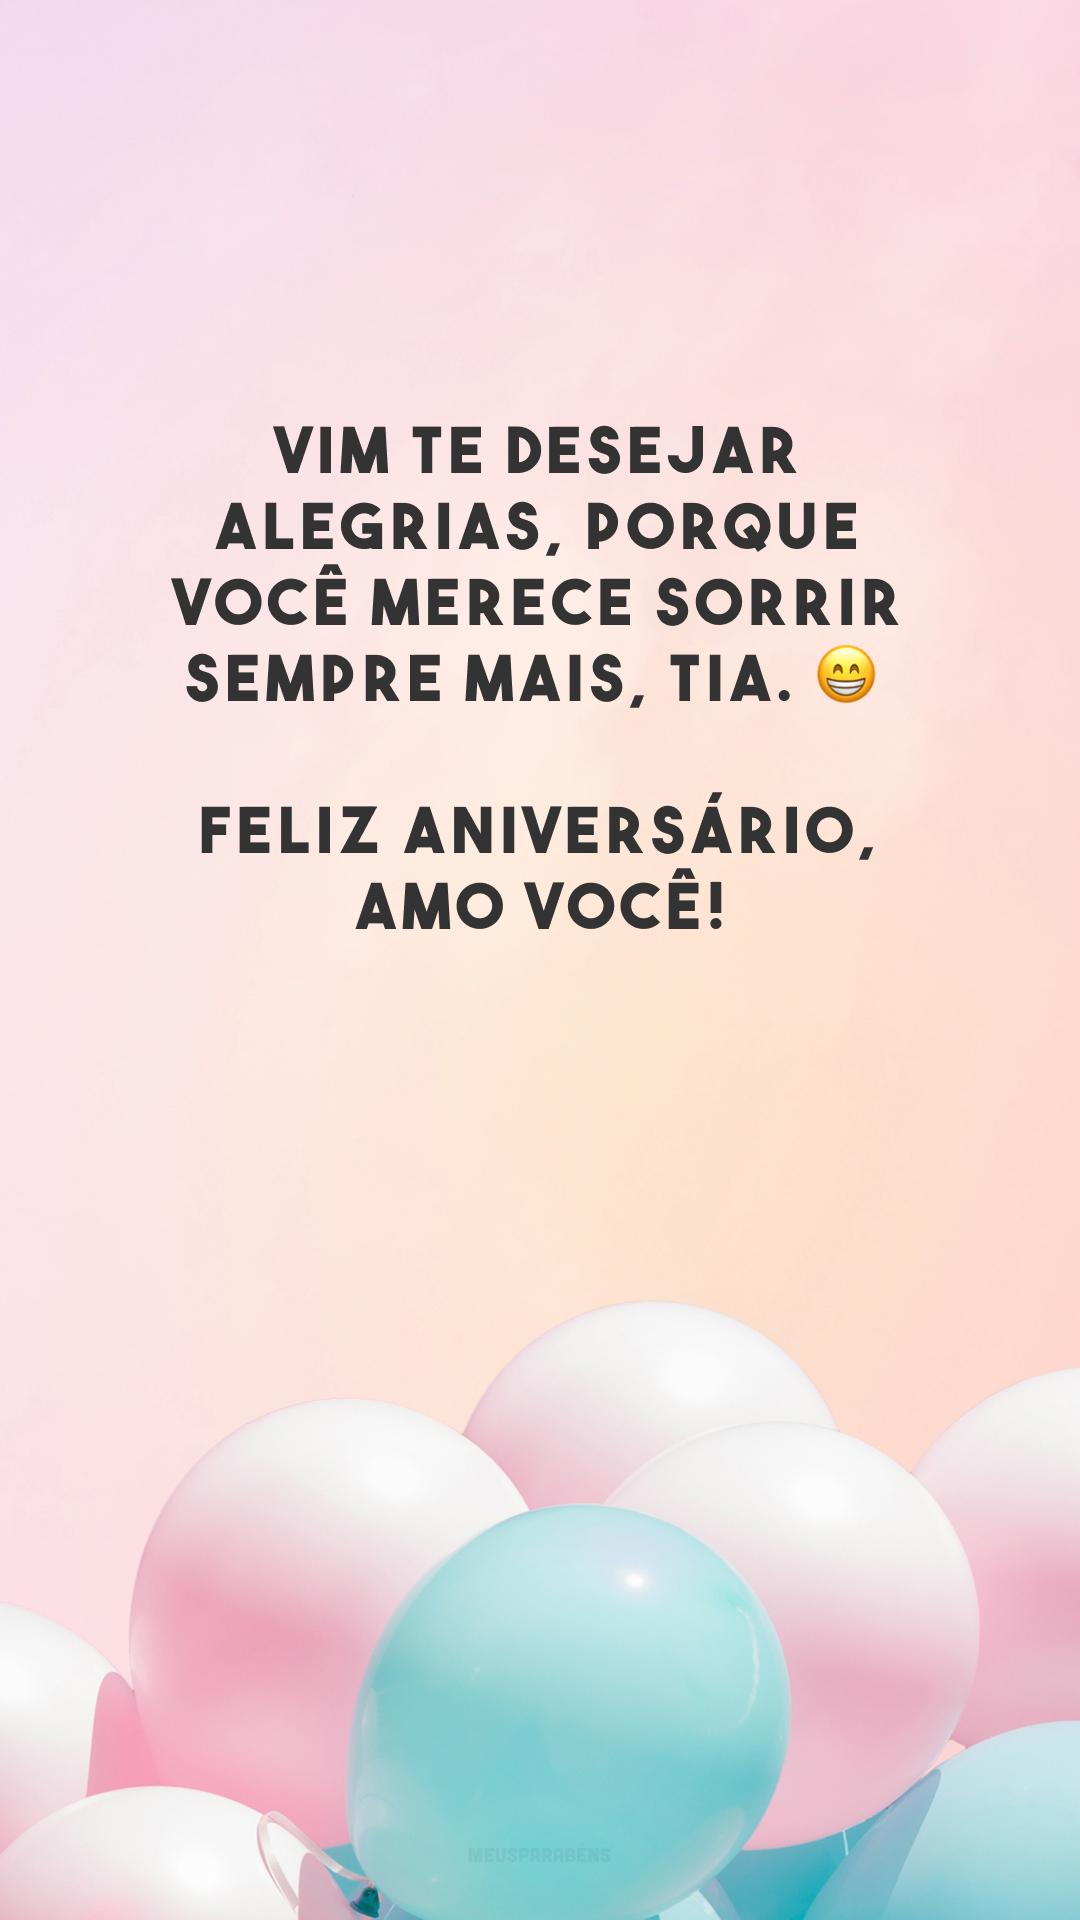 Vim te desejar alegrias, porque você merece sorrir sempre mais, tia. 😁 Feliz aniversário, amo você!